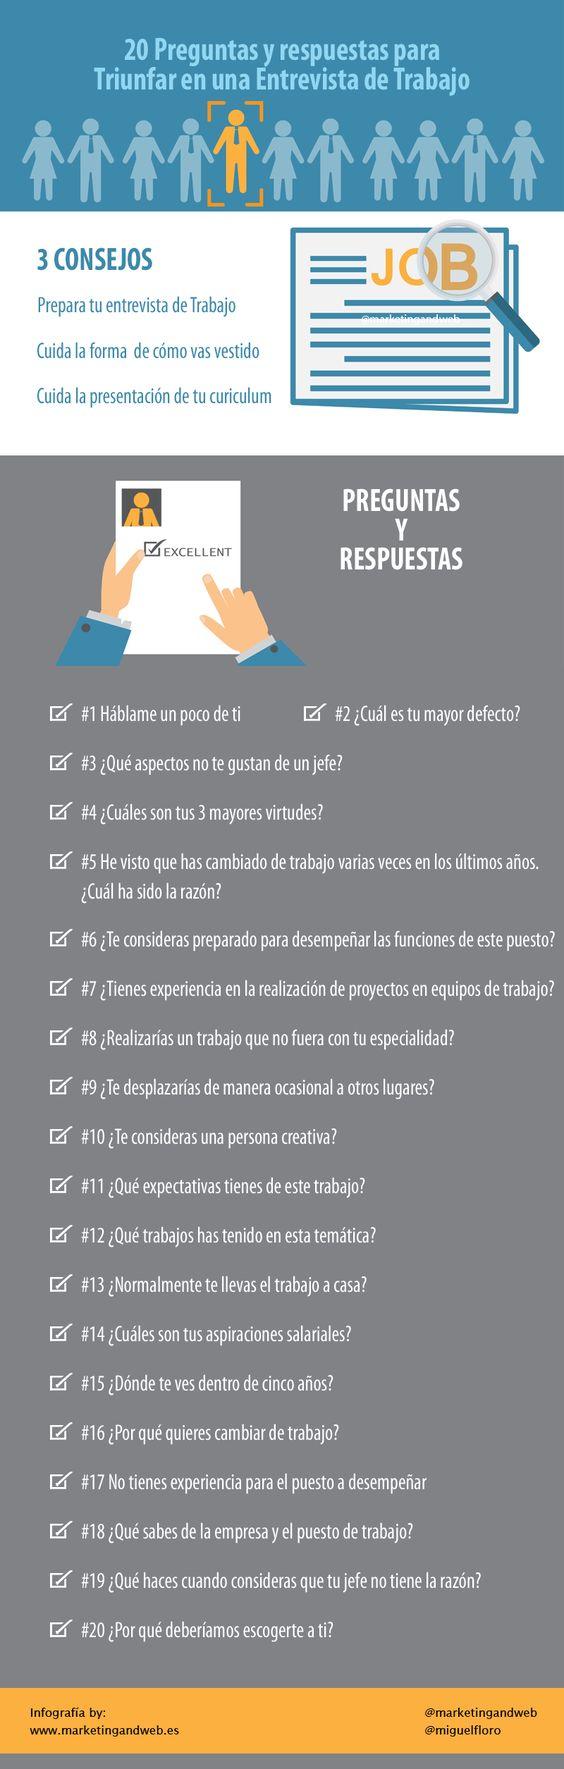 20 preguntas clave para una Entrevista de Trabajo: